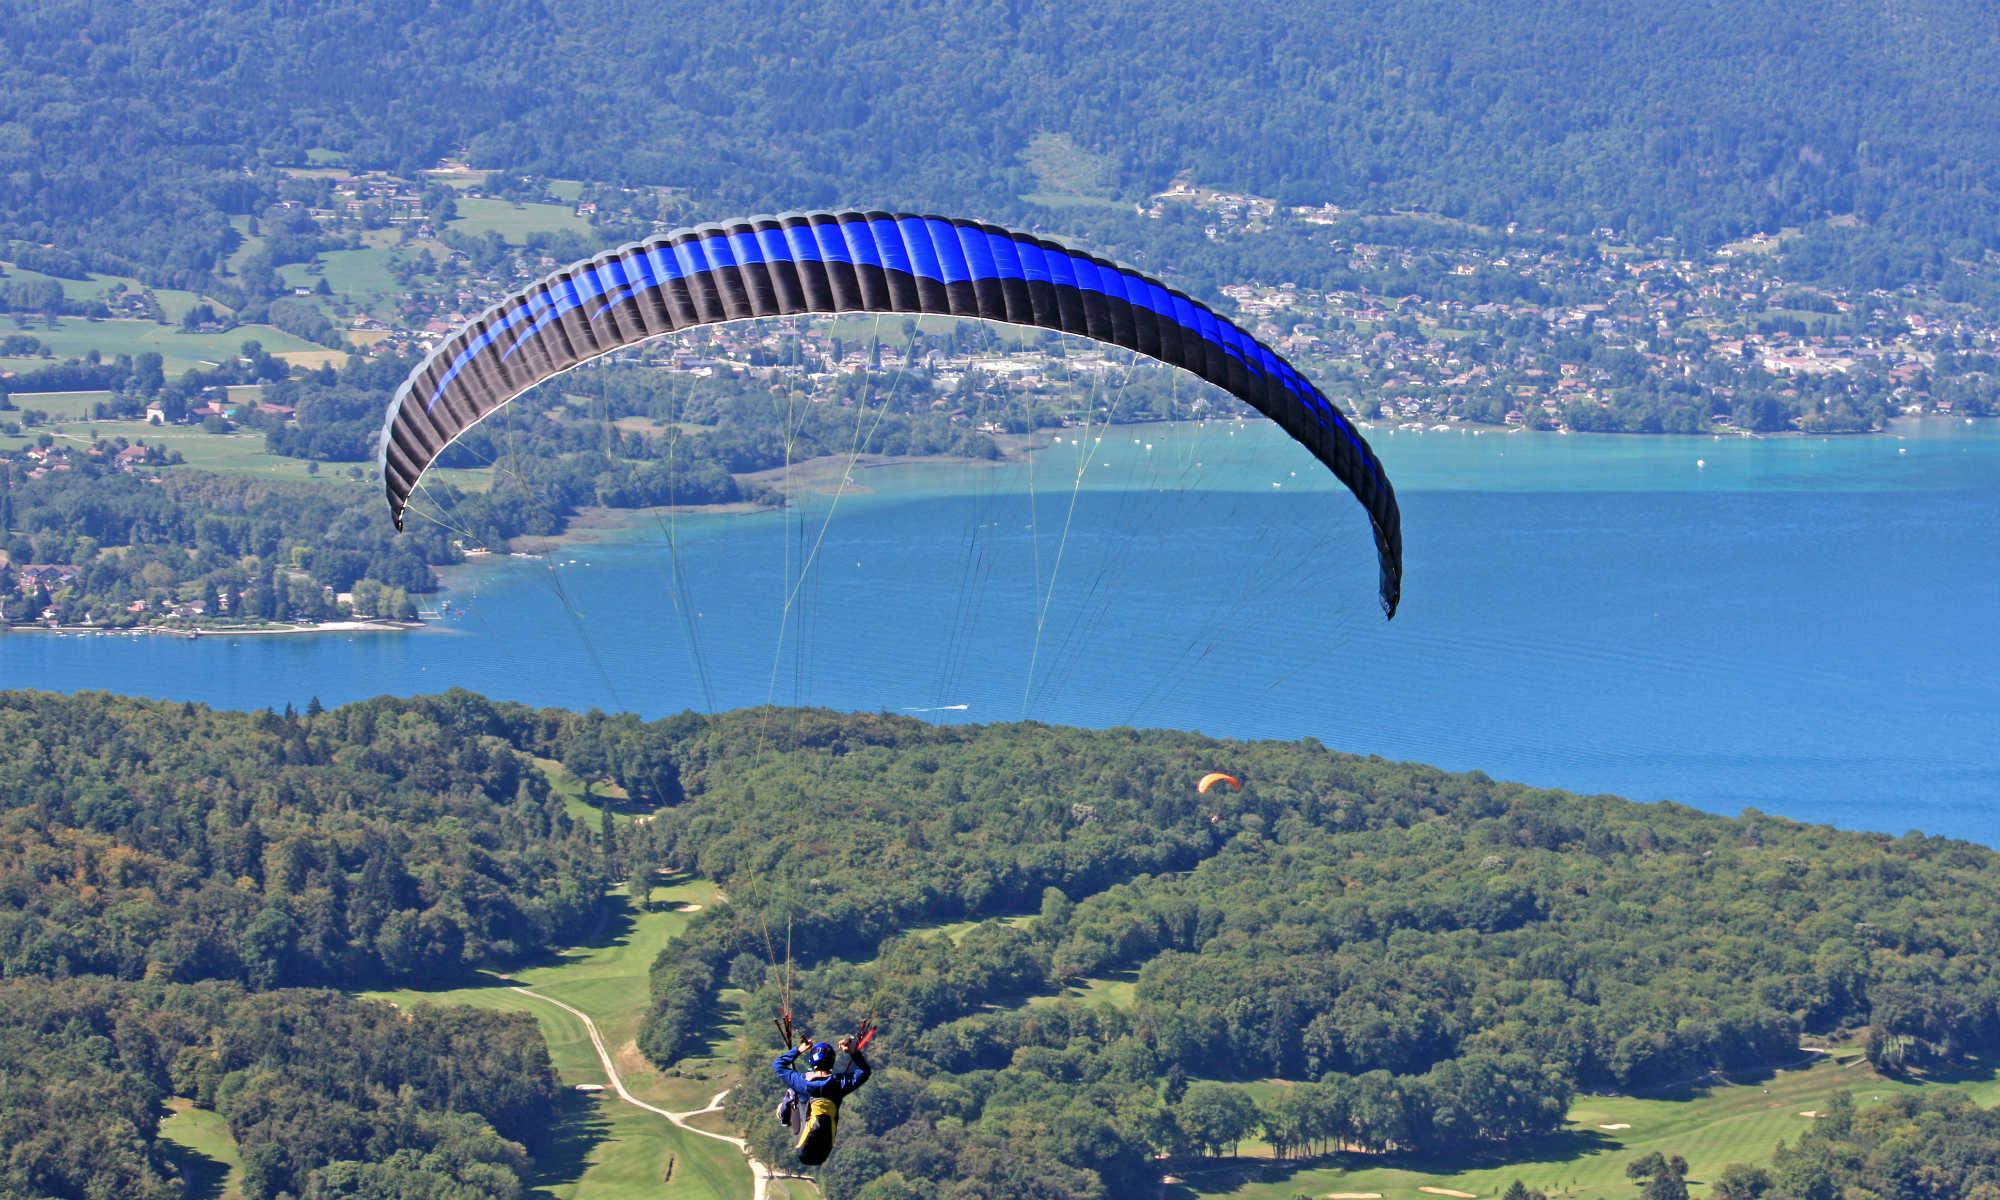 n parapendio sta volando in direzione del Lago di Annecy.